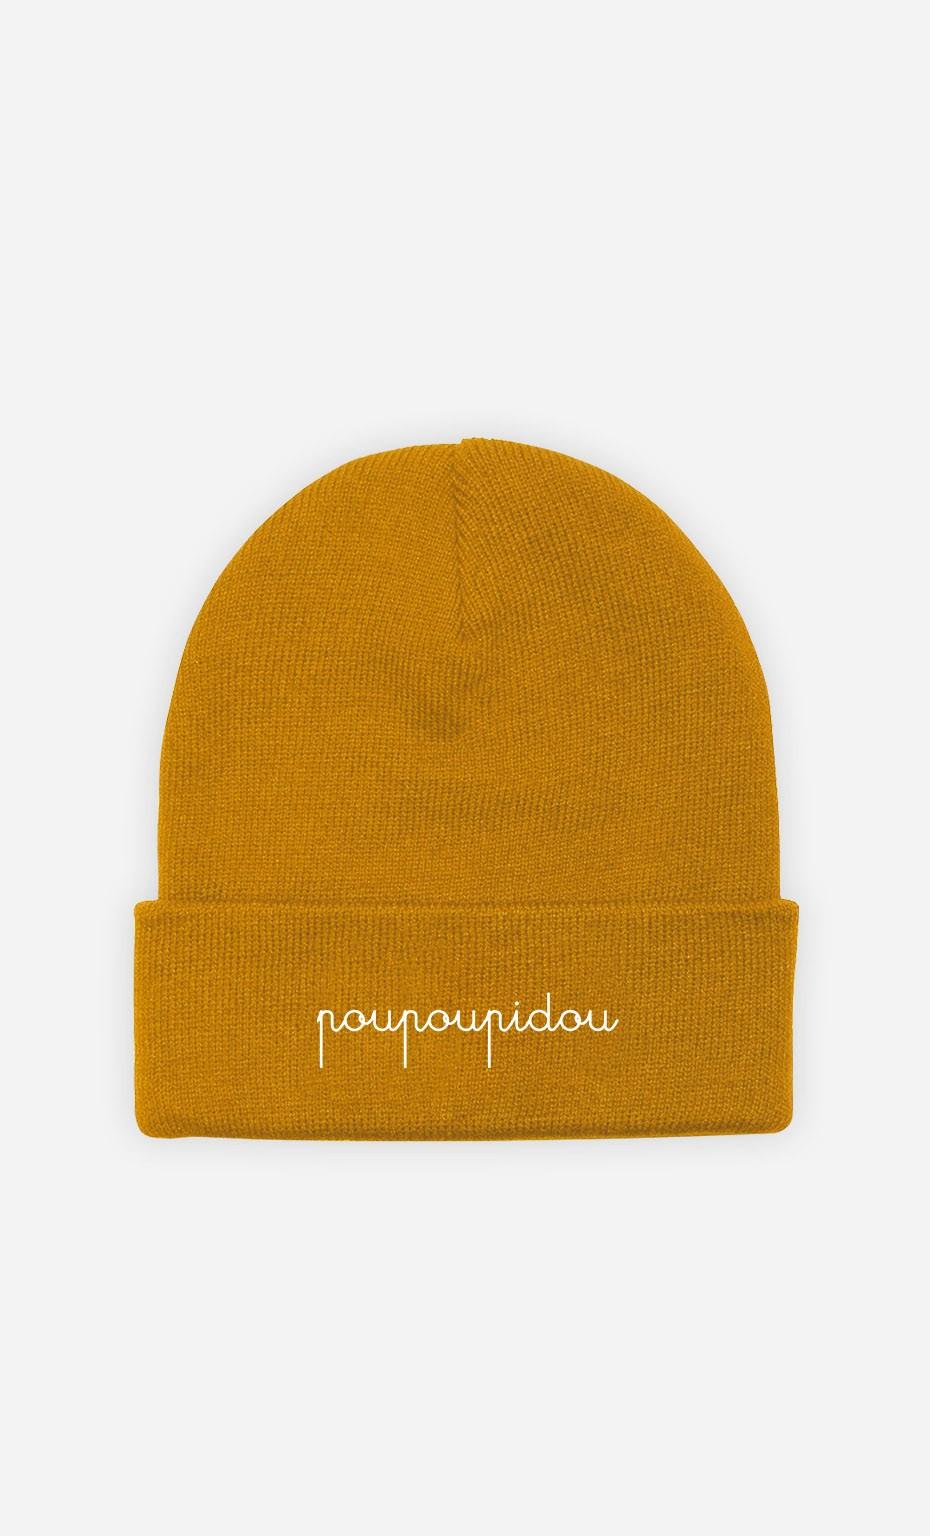 Beanie Poupoupidou - embroidered